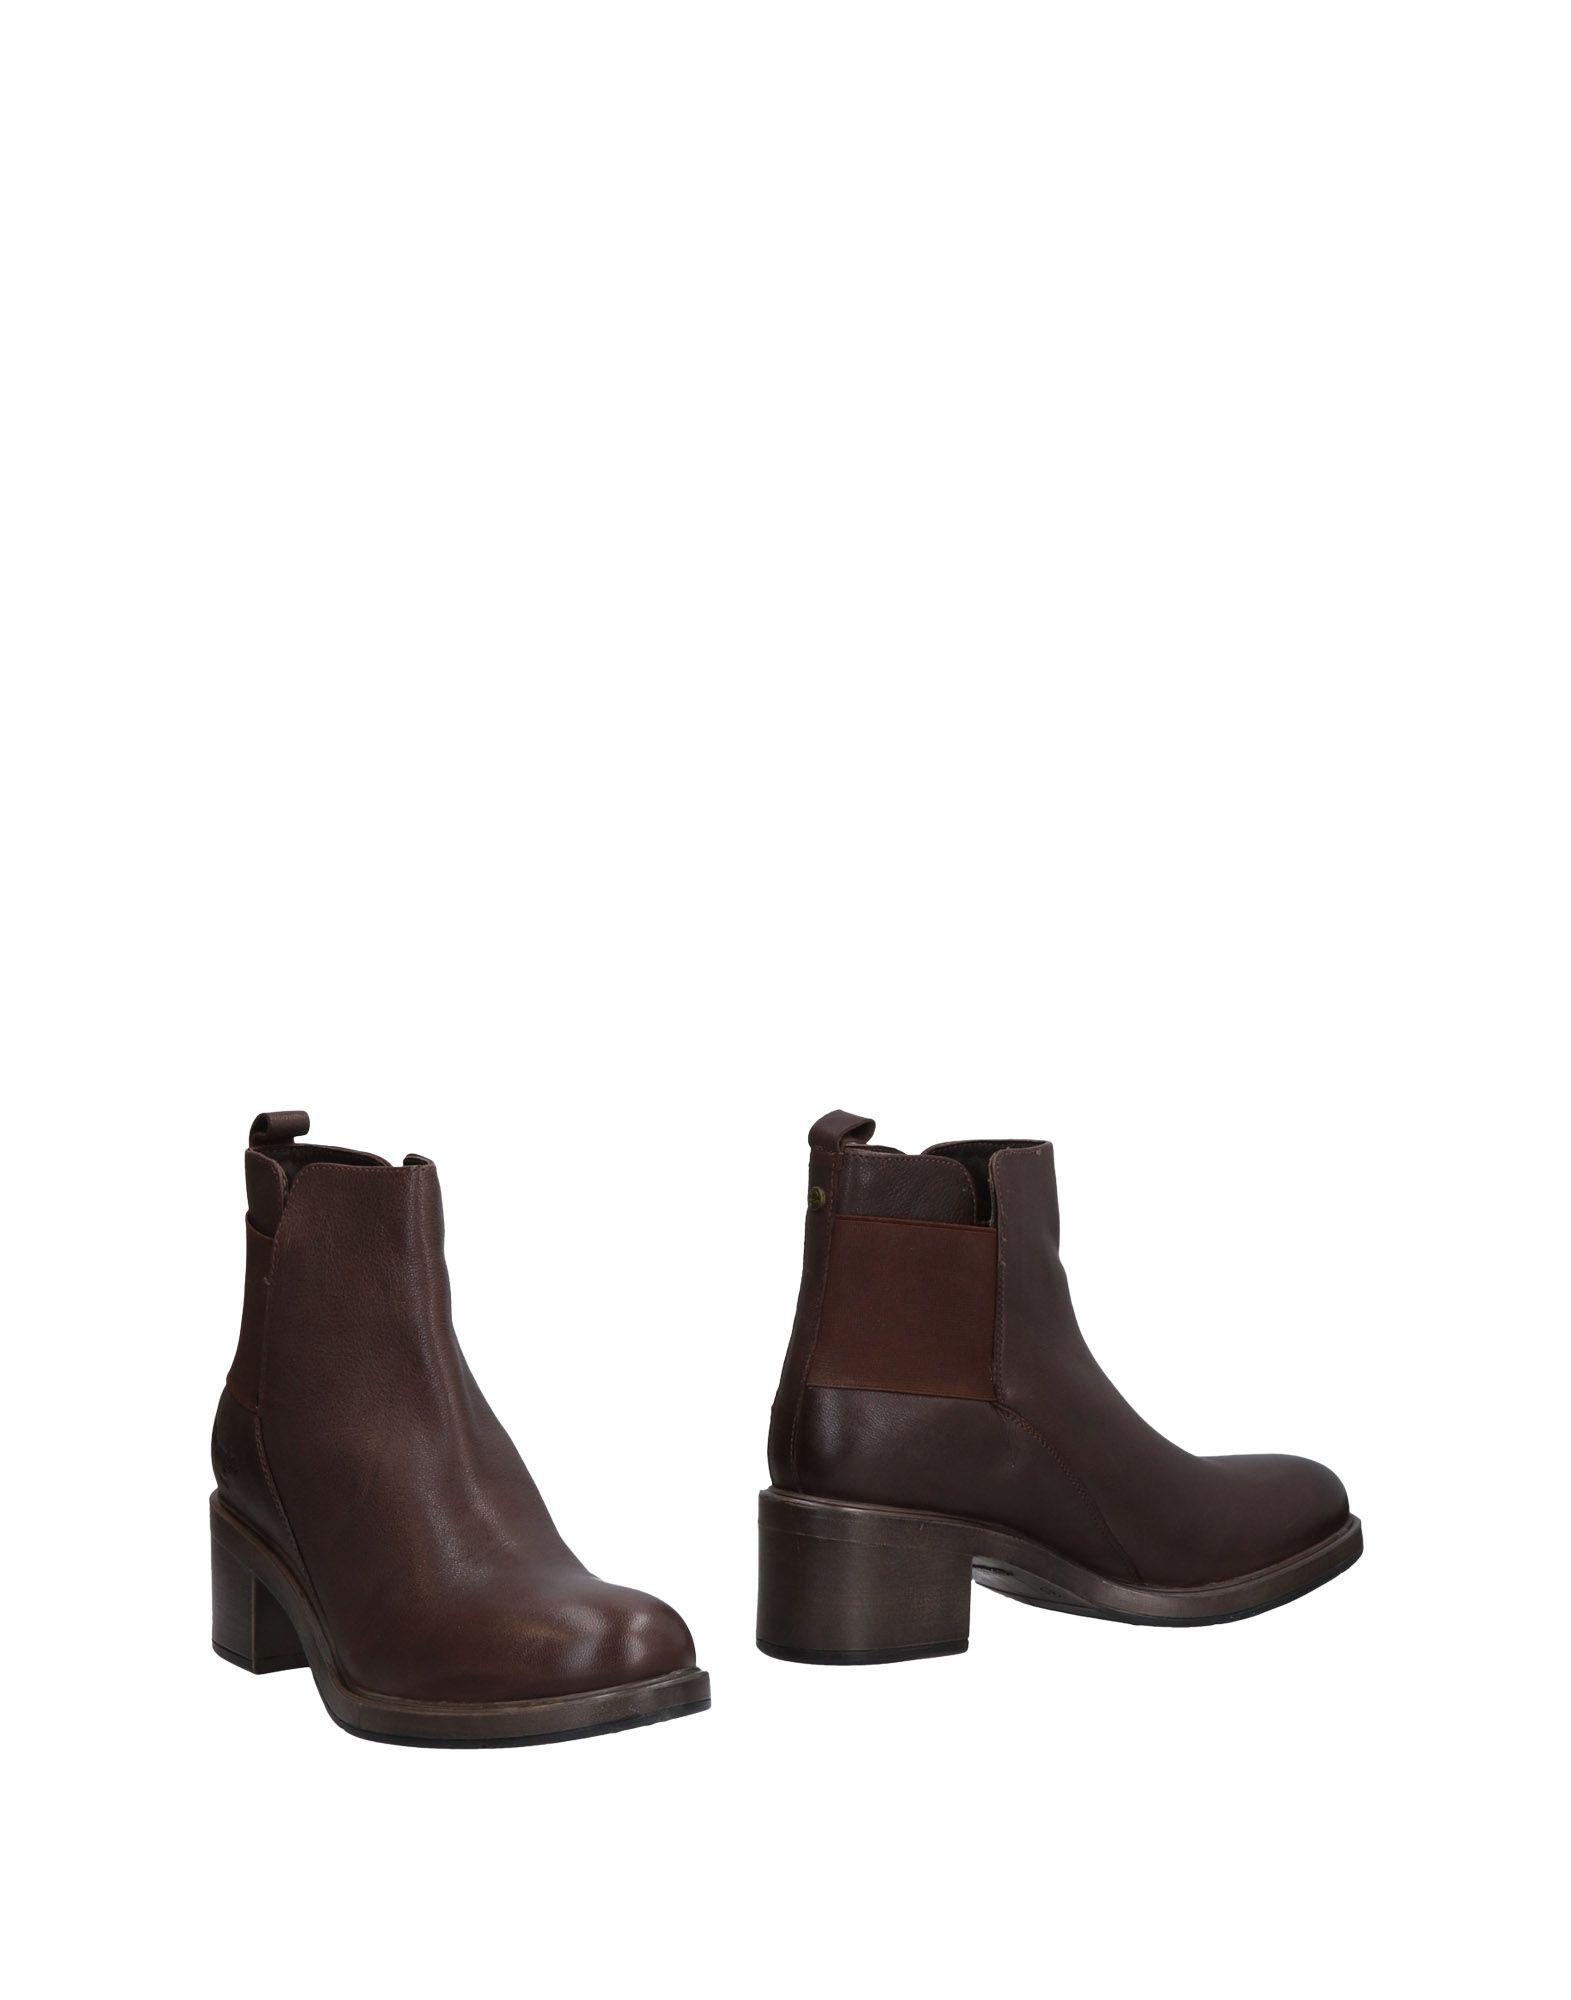 Wrangler Stiefelette Damen  11465194VR Gute Qualität beliebte Schuhe